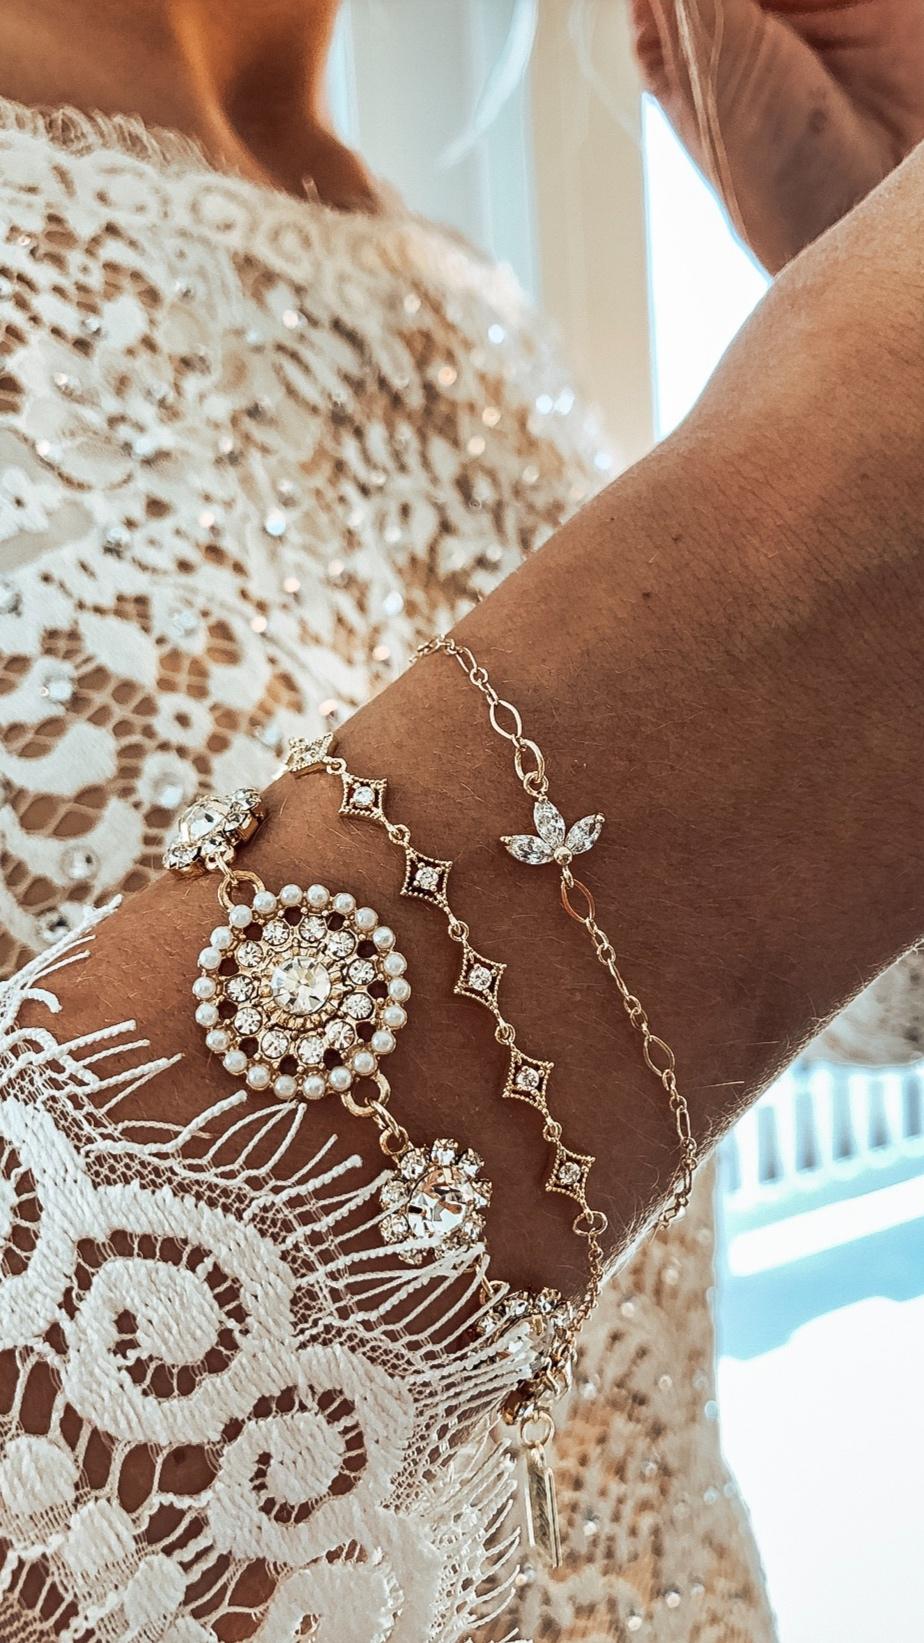 - Bracelets